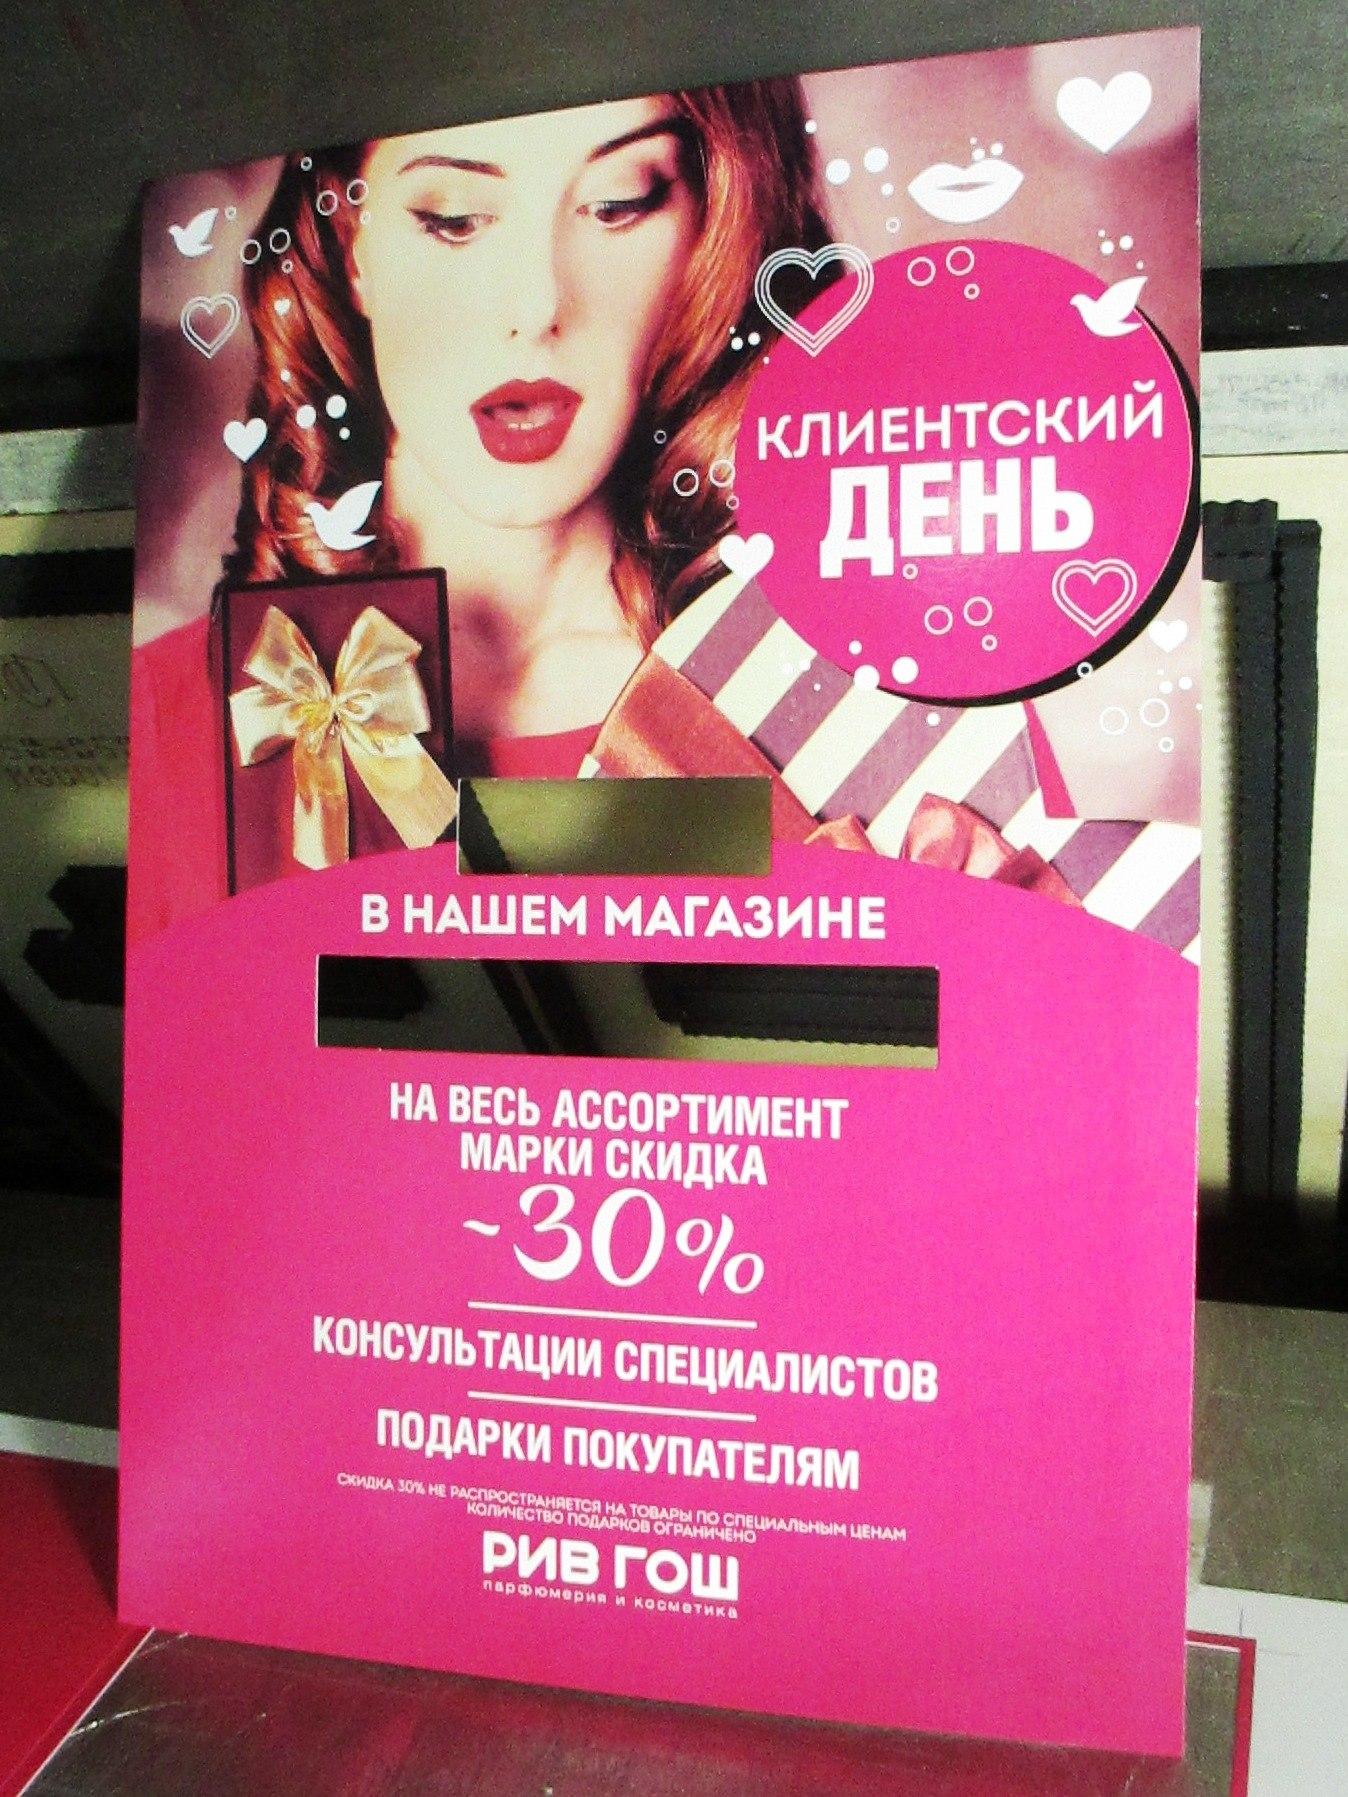 Подарок с покупкой РИВ ГОШ - сеть магазинов косметики и 66